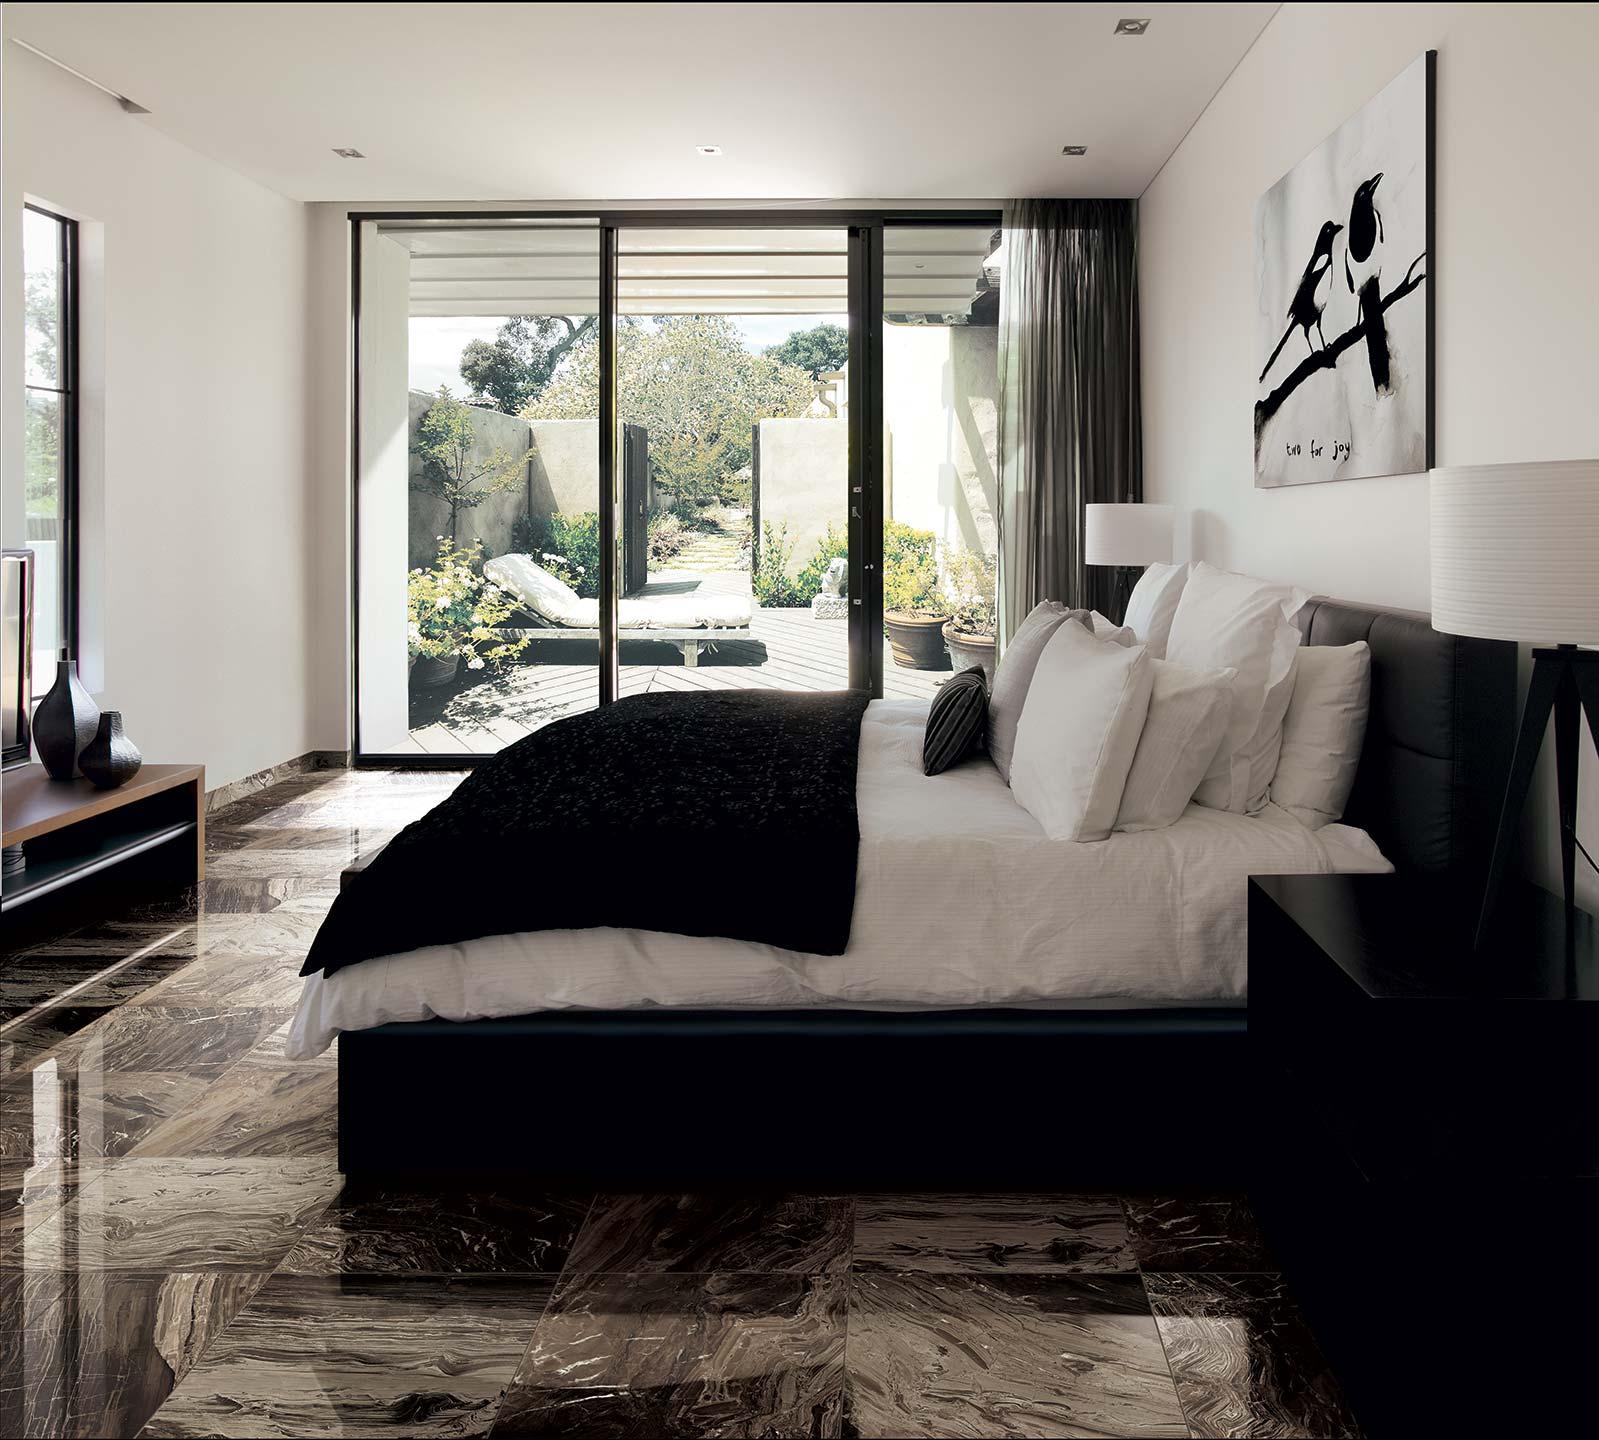 Chambre_Hotel_Haut_De_Gamme_Sol_Carrelage_Marbre_Brun_1